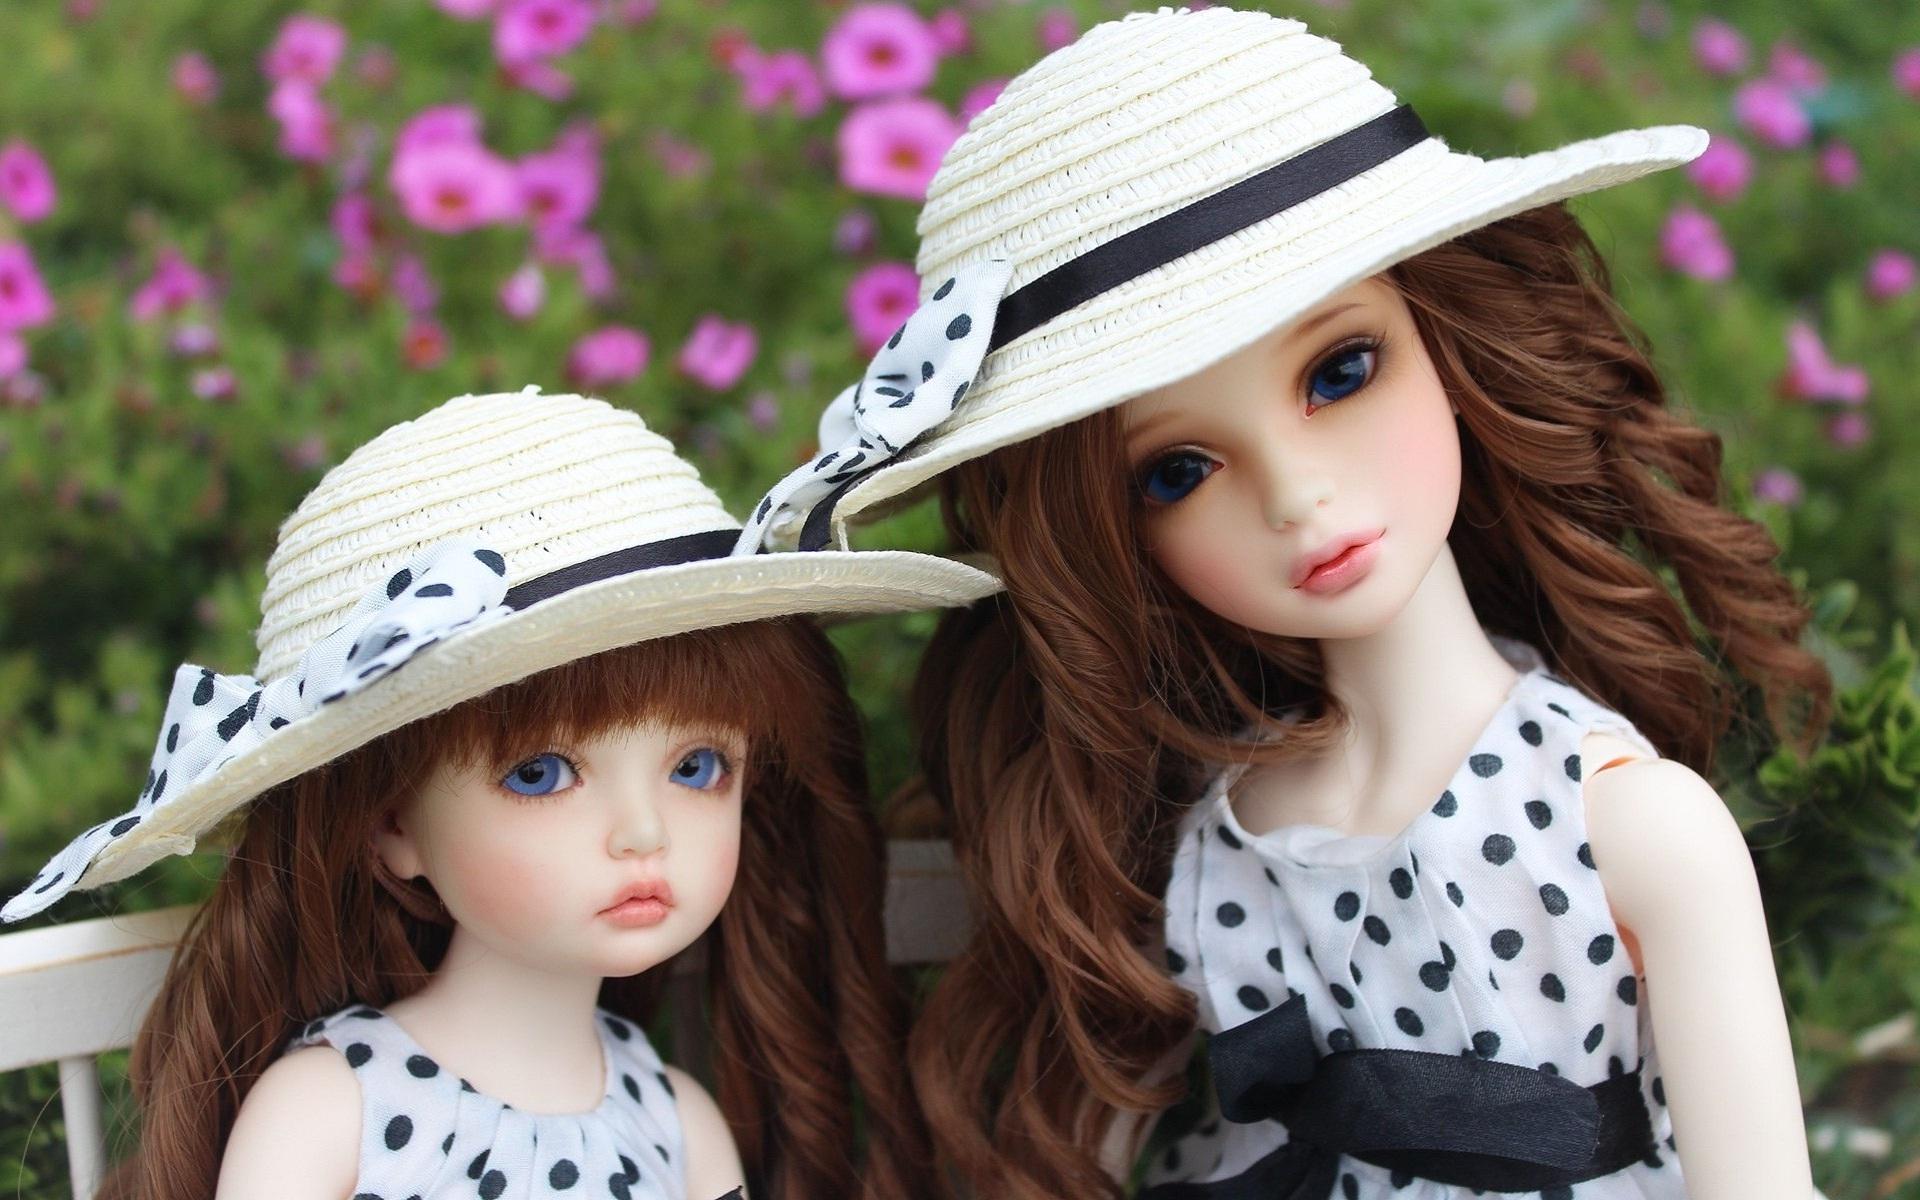 muñecas bonitas con flores de fondo